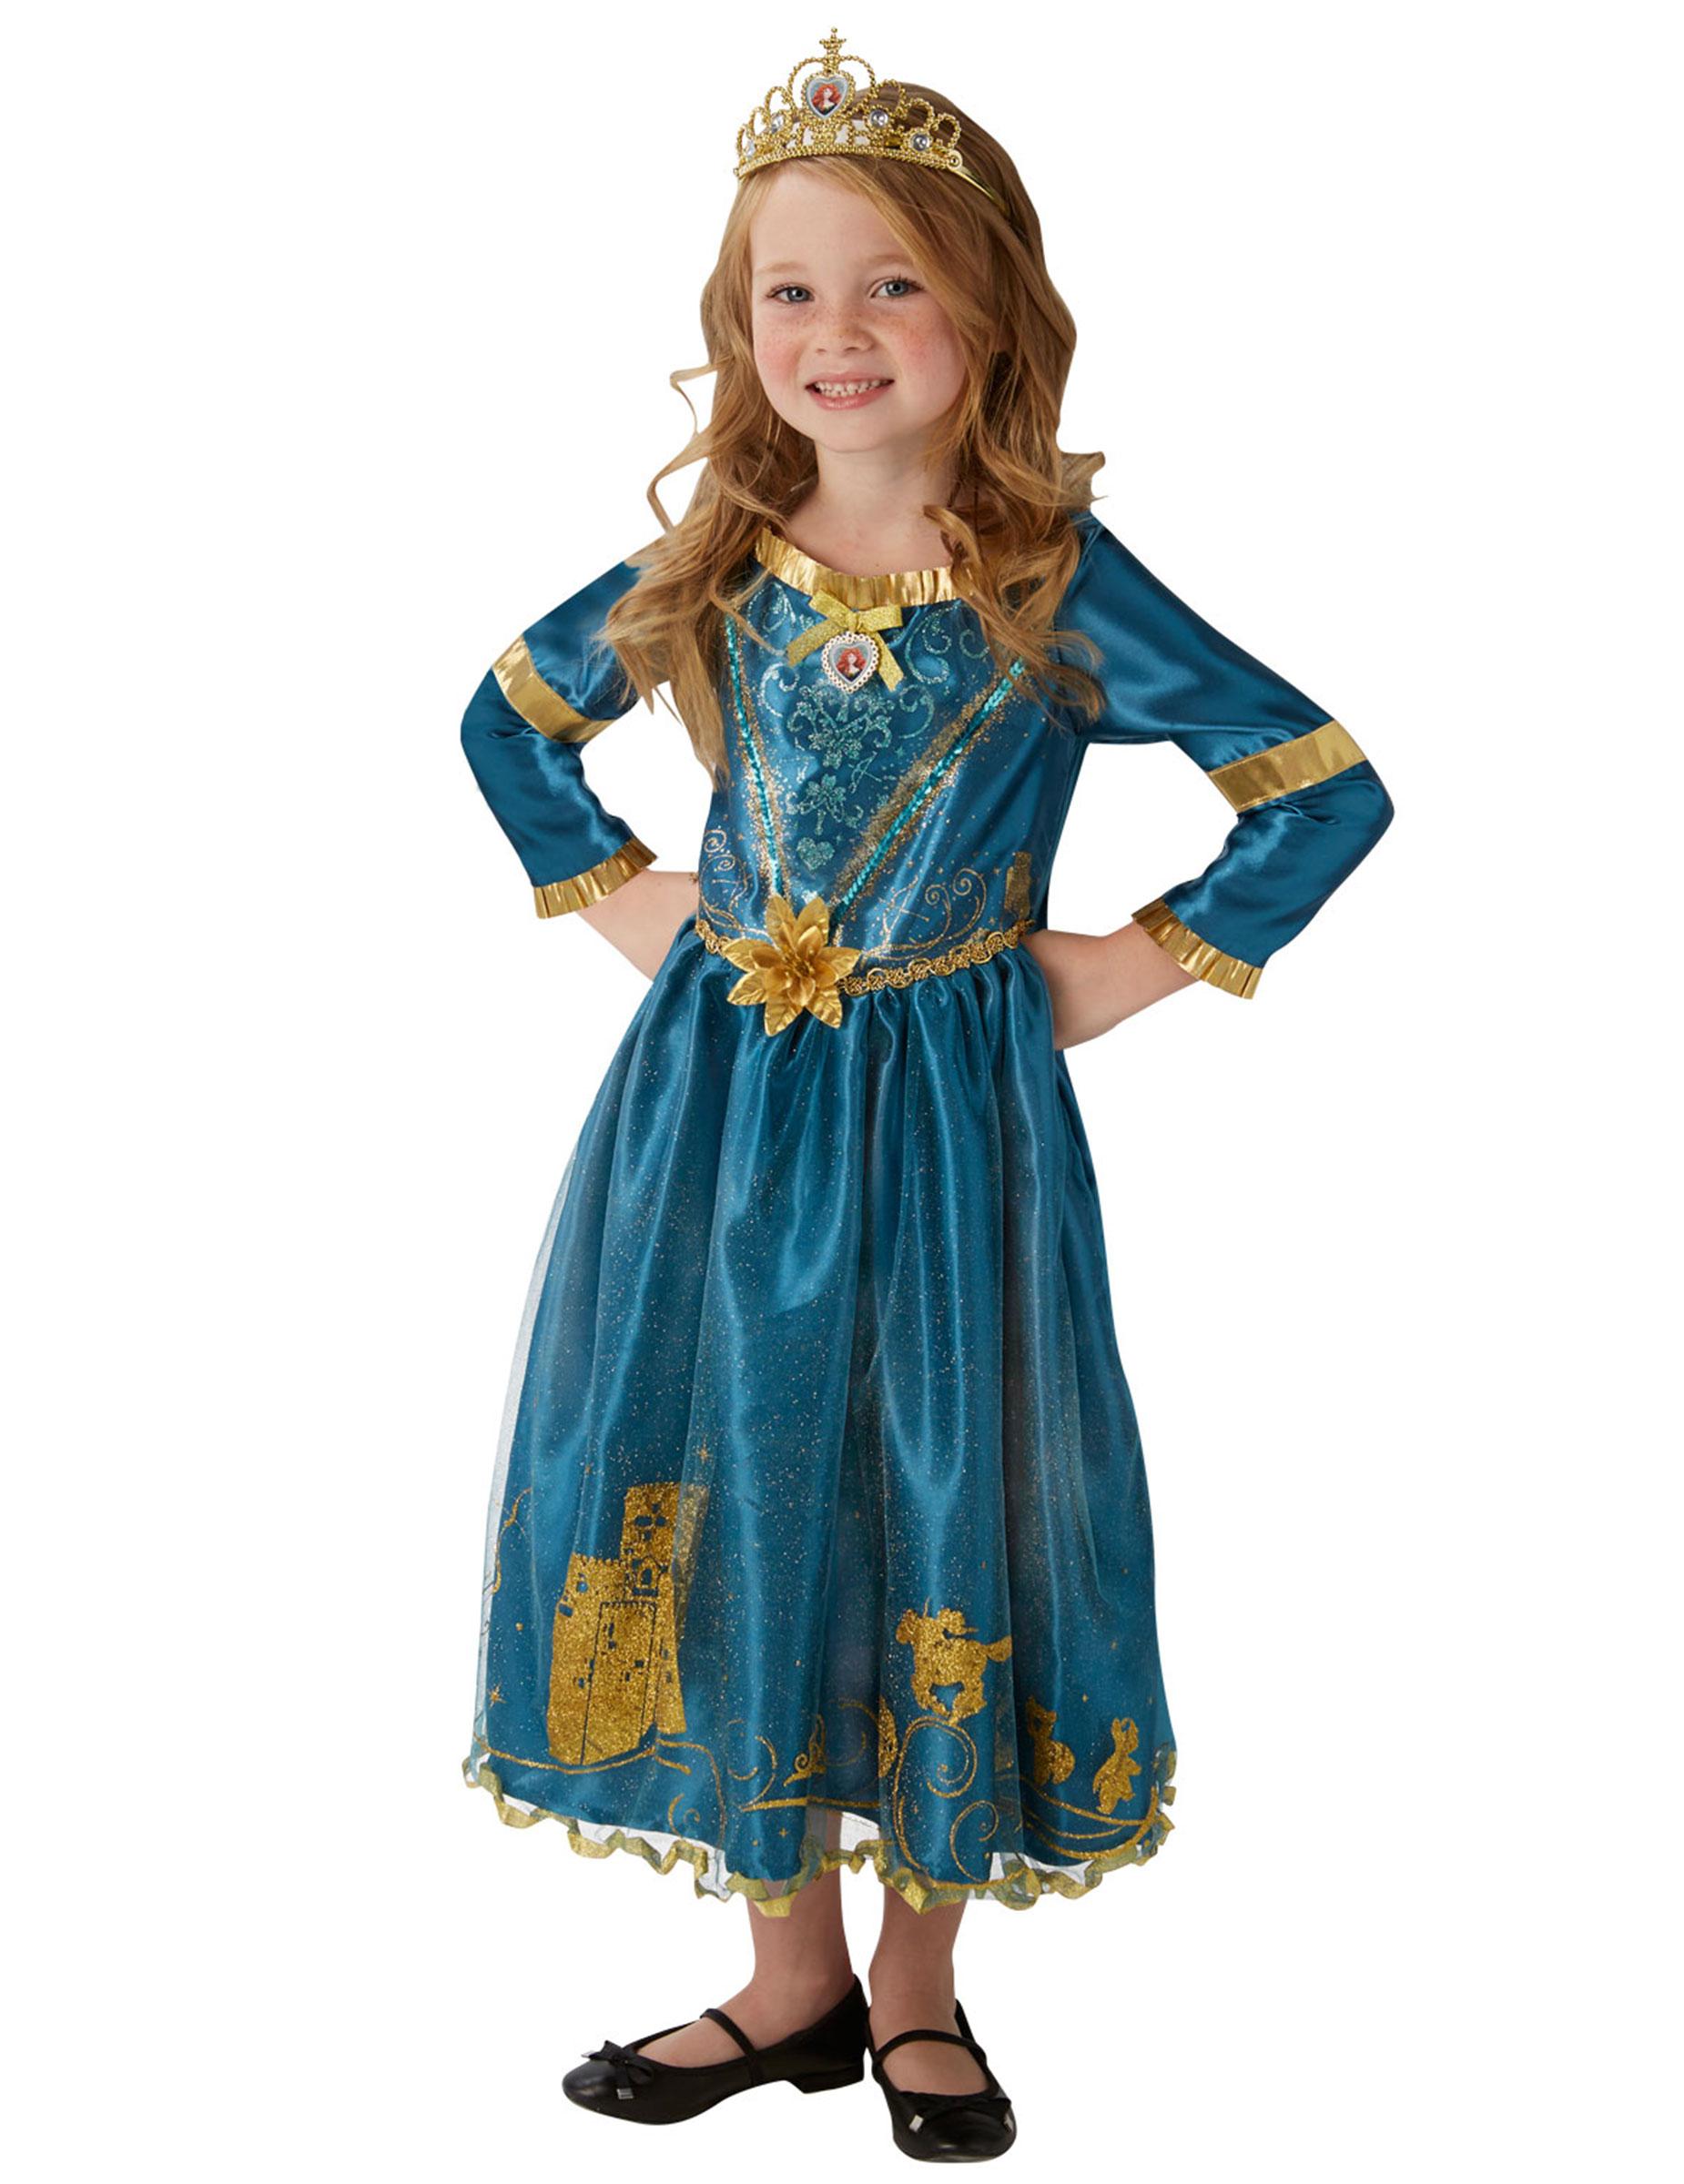 d guisement princesse merida rebelle avec couronne fille deguise toi achat de d guisements. Black Bedroom Furniture Sets. Home Design Ideas